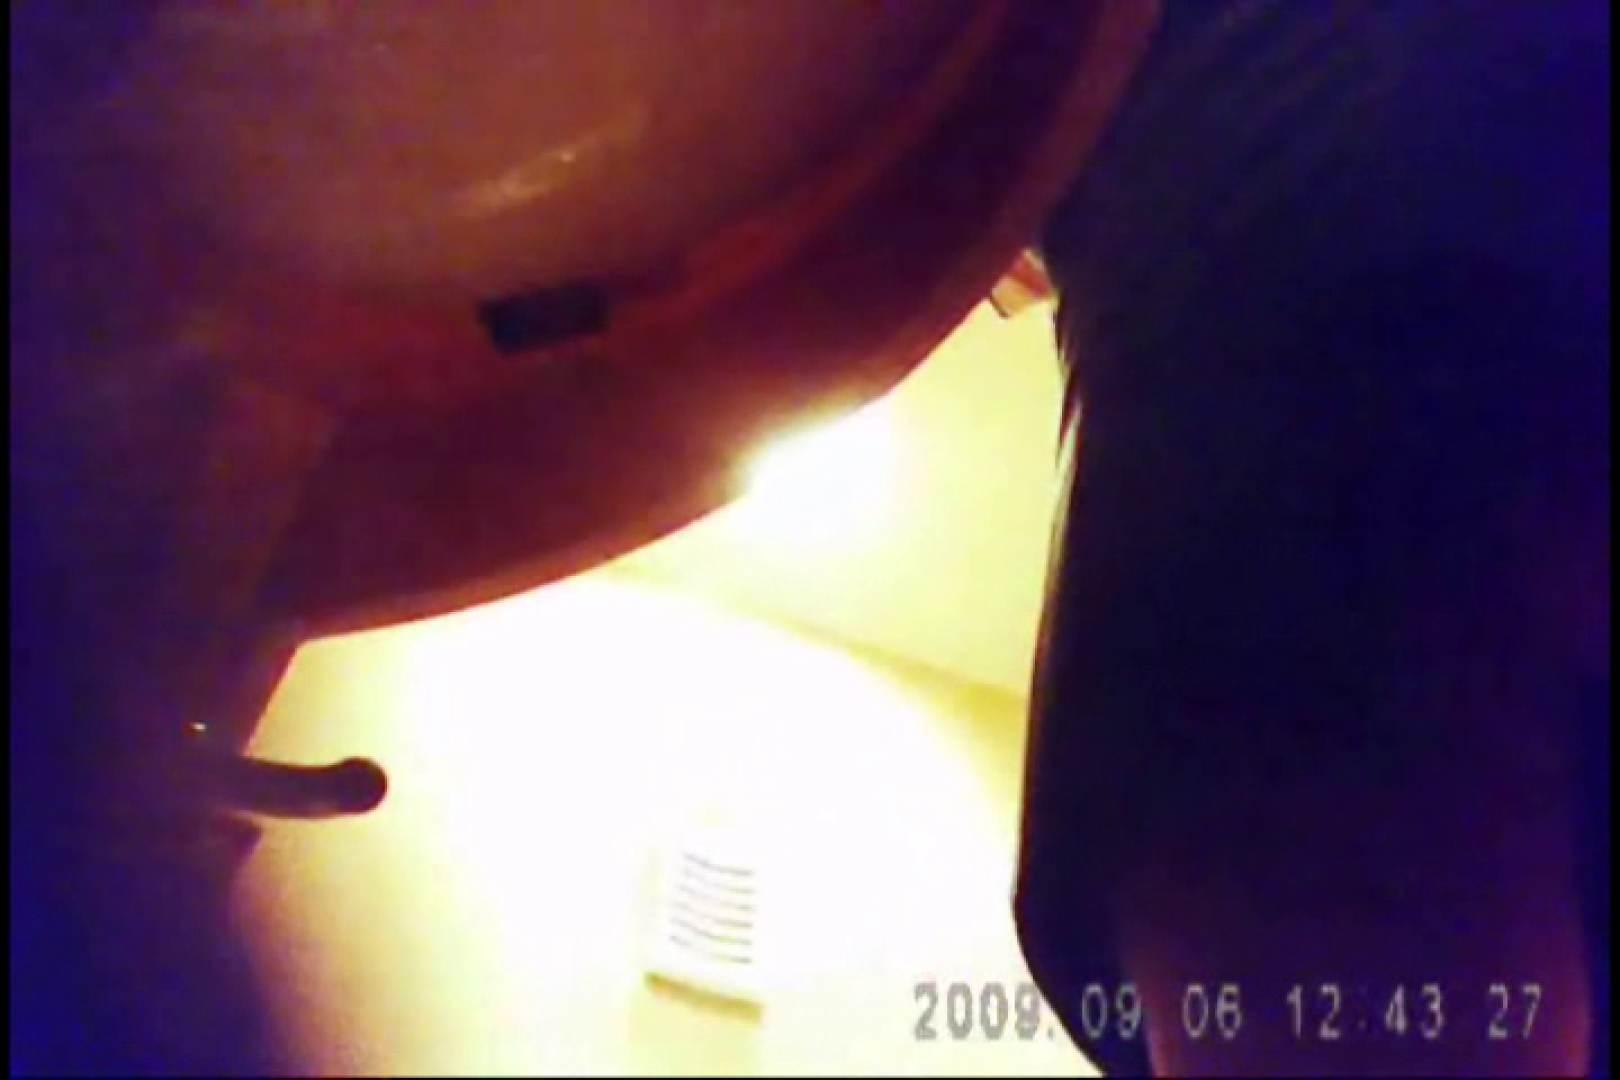 画質向上!新亀さん厠 vol.27 OLすけべ画像 隠し撮りオマンコ動画紹介 38連発 26